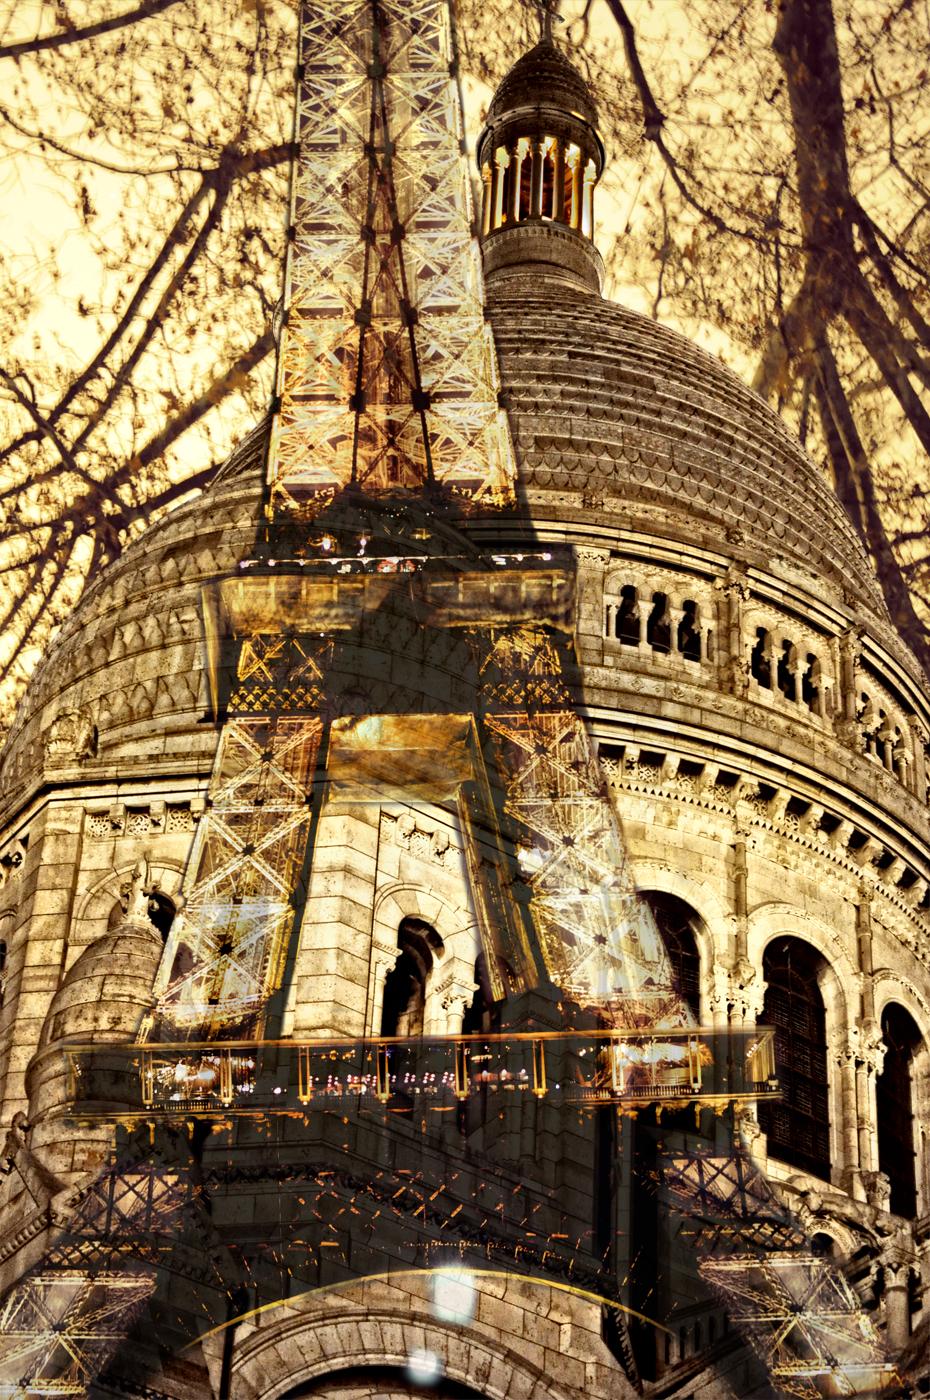 Paris at Night | 0493 Illuminated